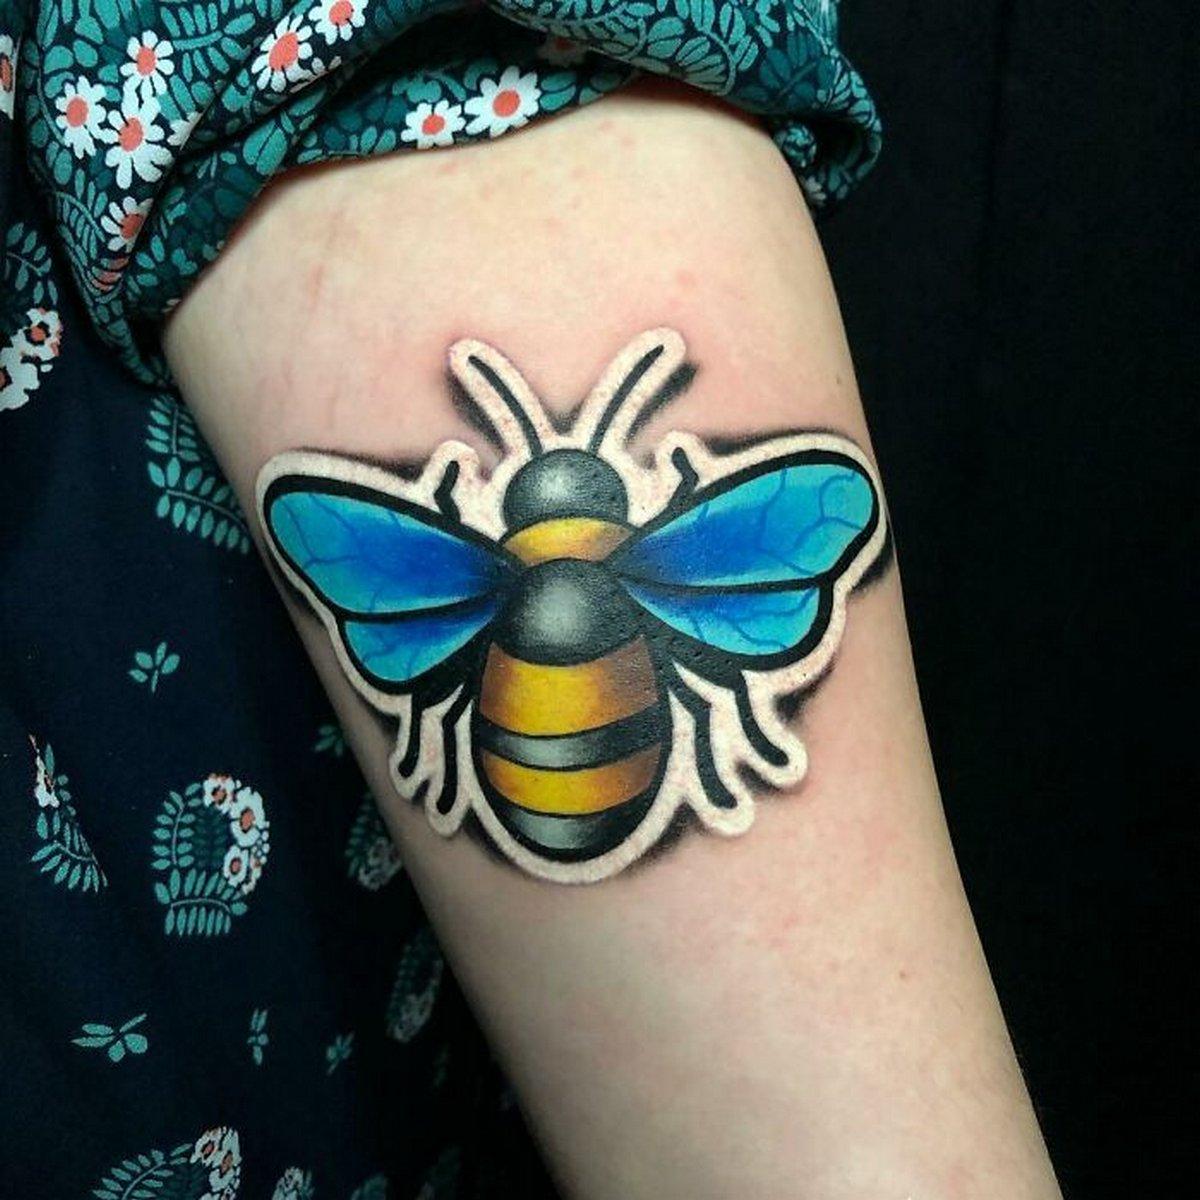 Cet artiste créé des tatouages qui ressemblent à des autocollants se décollant de votre peau